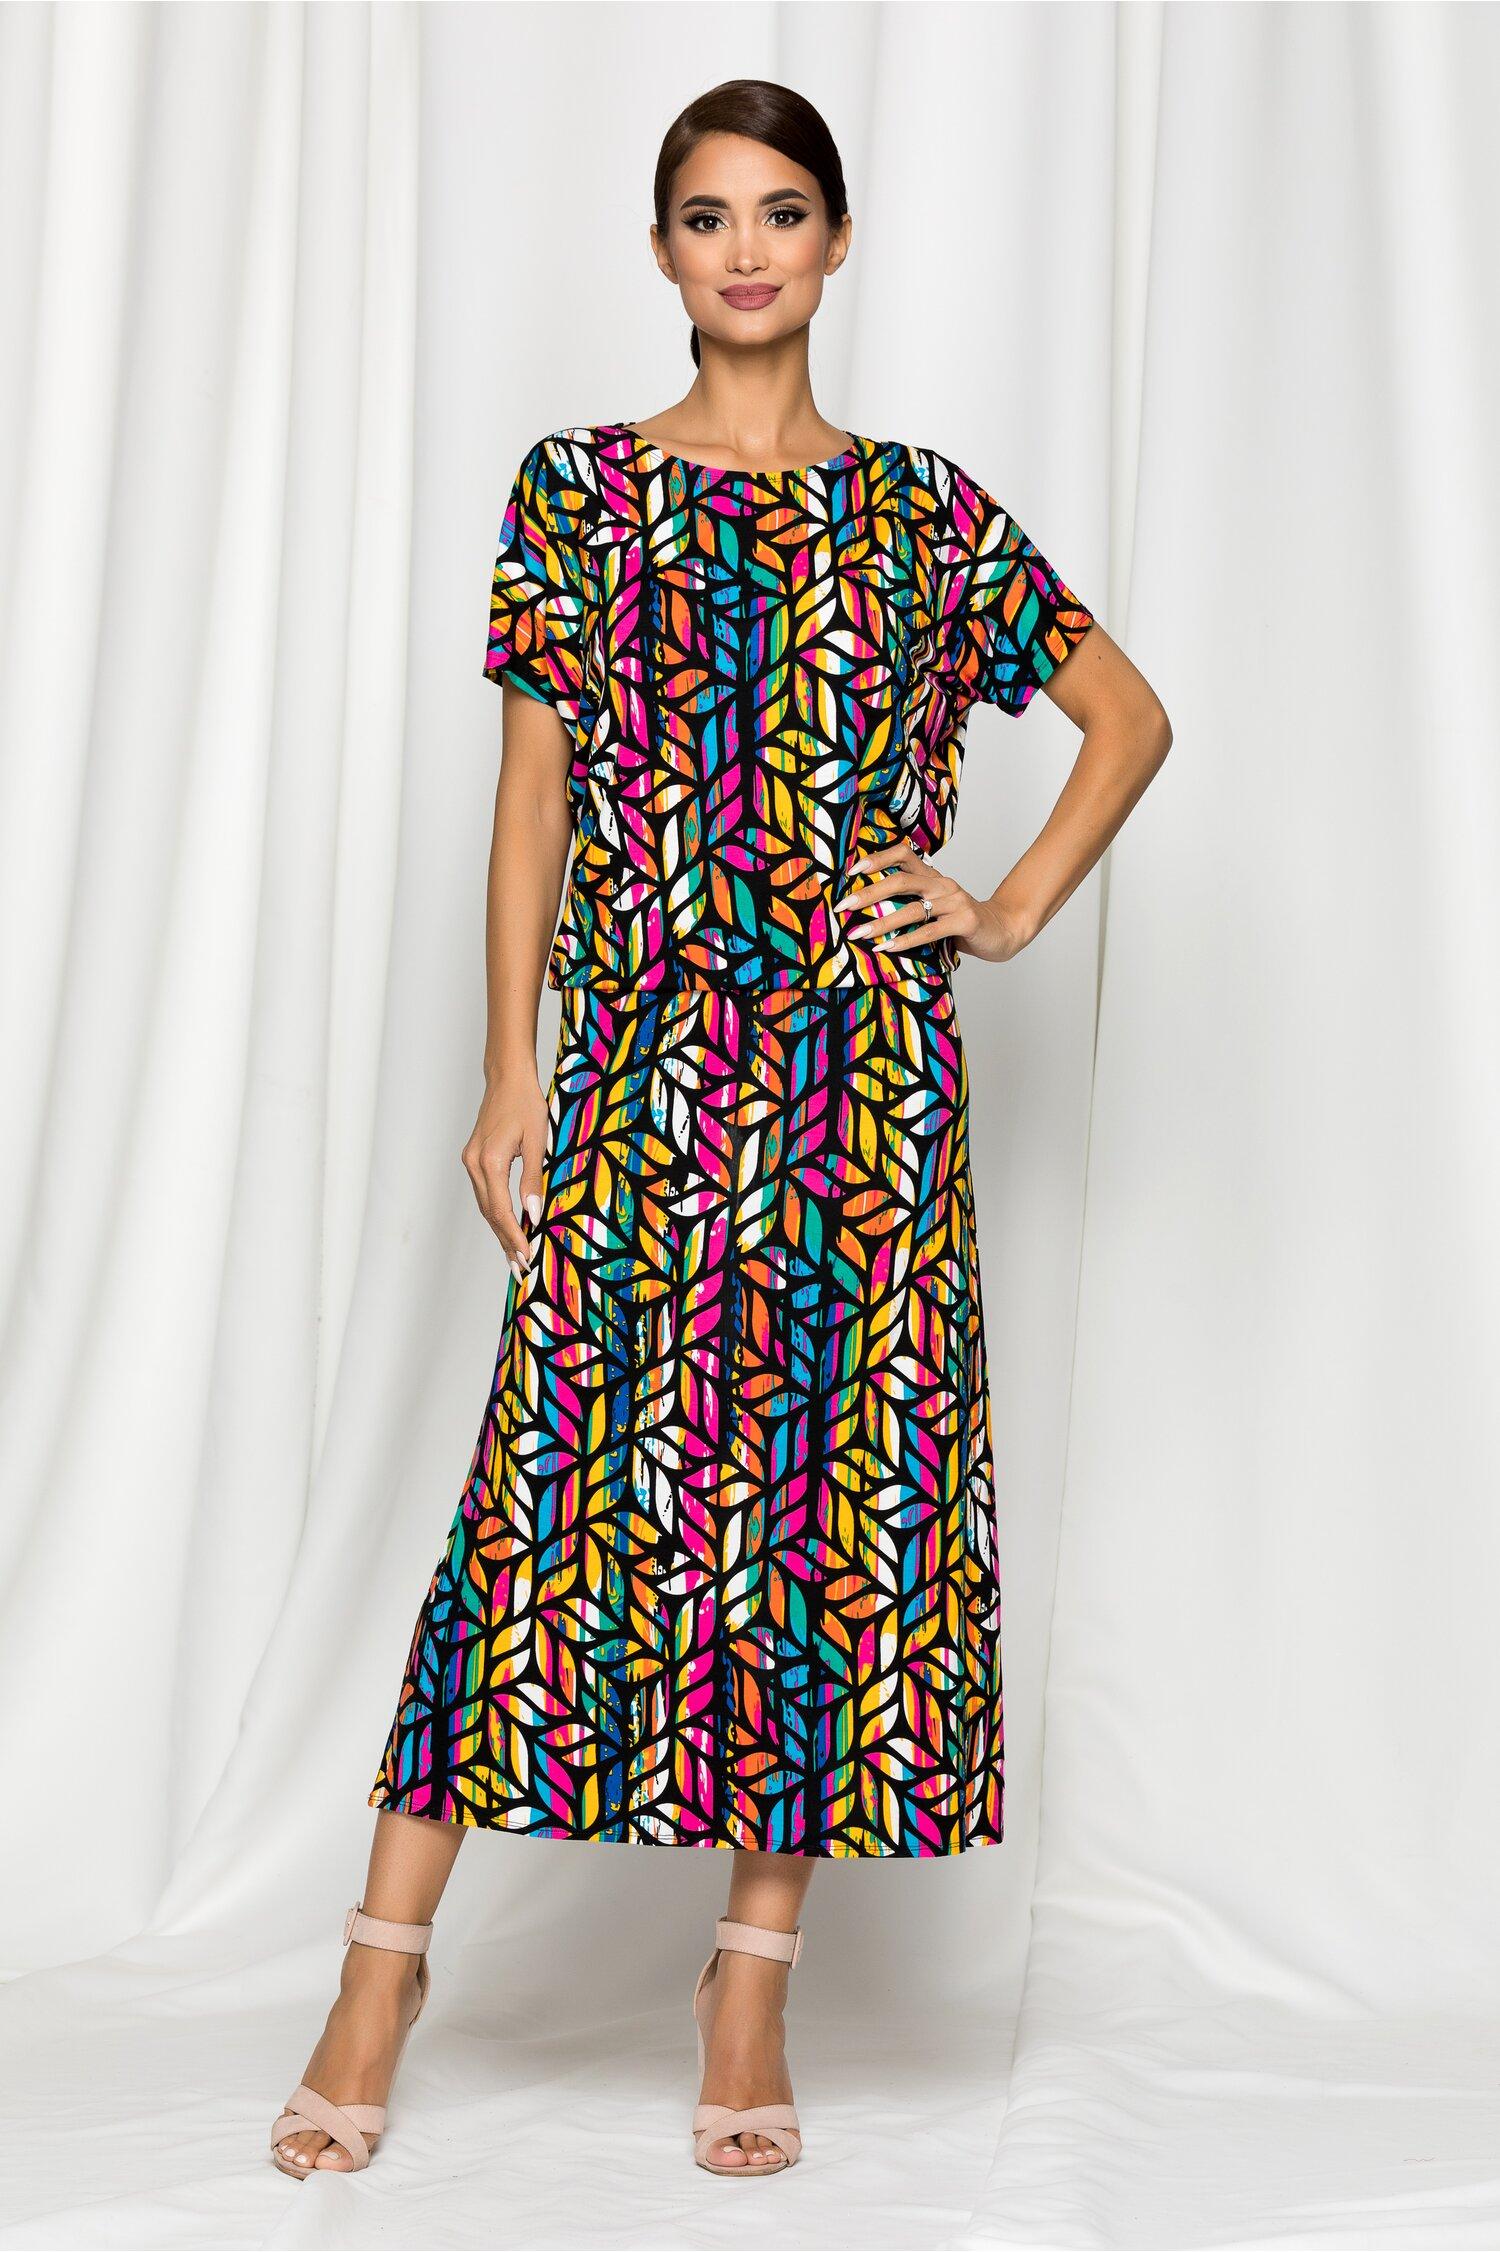 Compleu Melina negru cu imprimeu frunze multicolore si fusta midi